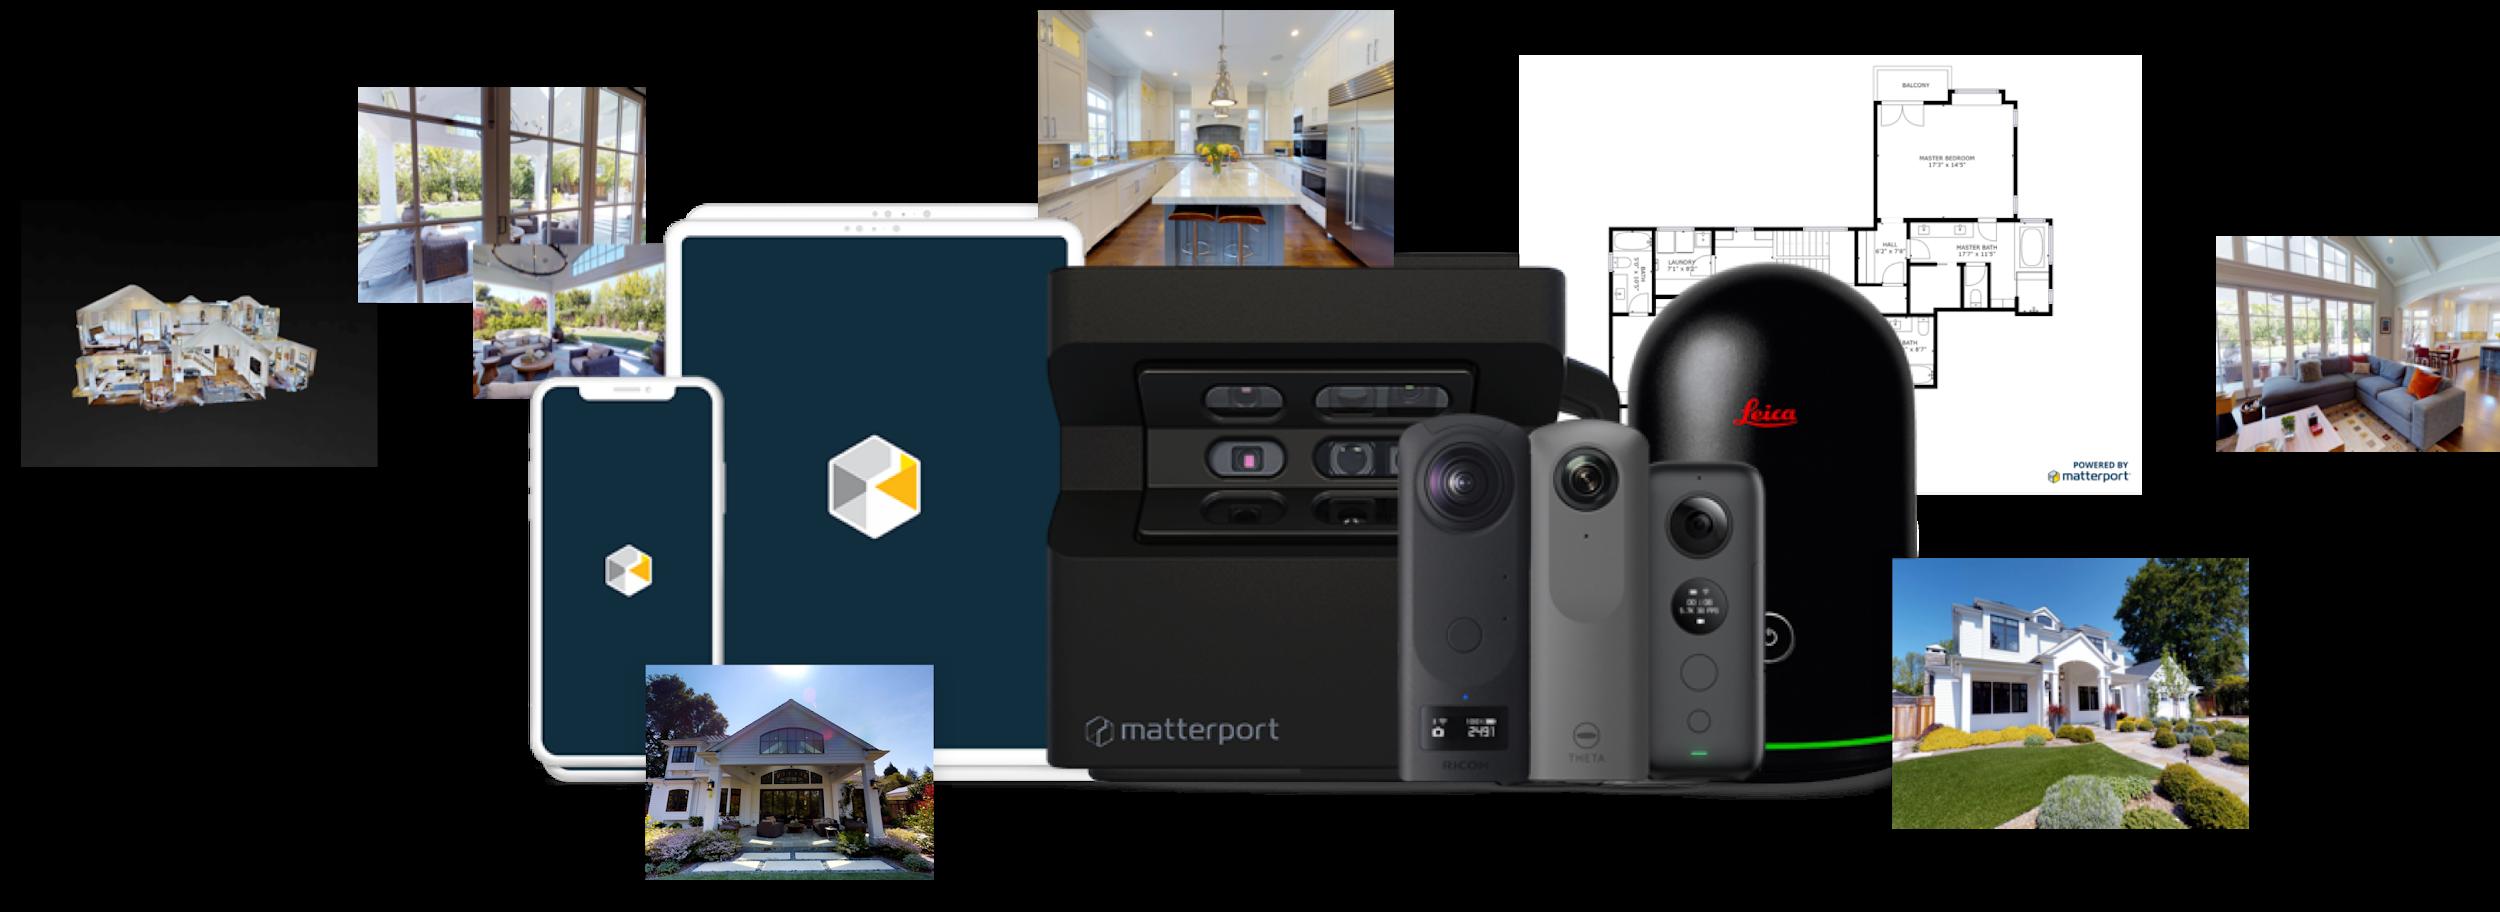 Matterport 3D virtual software